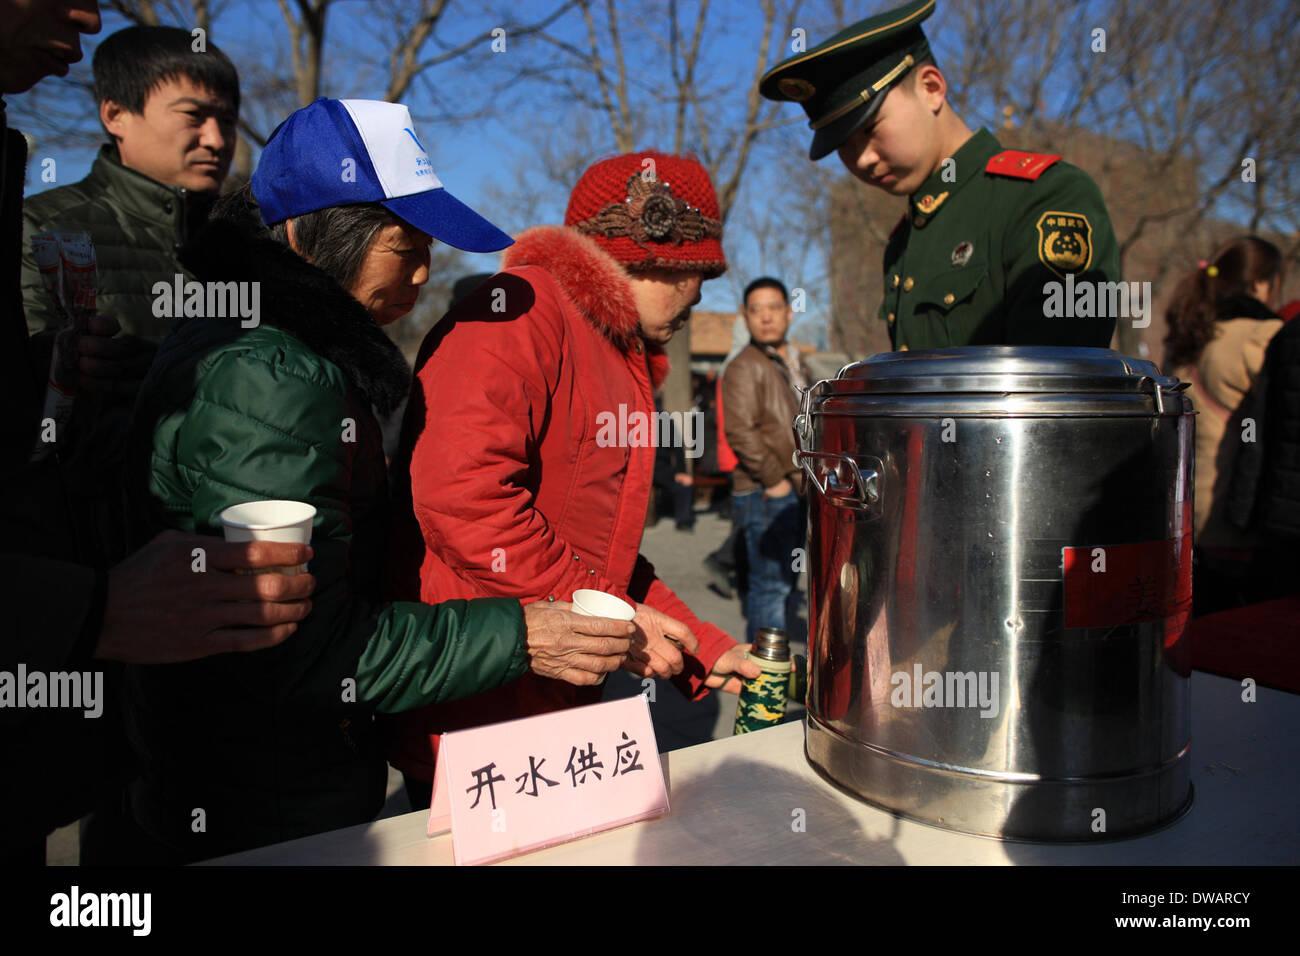 """Pechino, soldato cinese negli anni sessanta. Il 15 agosto, 1962. Un soldato offre ai turisti acqua potabile al di fuori della Città Proibita, chiamato anche il museo del palazzo, a Pechino, capitale della Cina, in occasione della """"Lei Feng's Day"""", che cade il 5 marzo di ogni anno. Lei, un giovane soldato cinese negli anni sessanta, è noto per aver dedicato quasi tutto il suo tempo di ricambio e denaro per aiutare disinteressatamente i bisognosi. Egli è morto dopo essere stato colpito da una caduta di pole mentre aiutando un compagno soldato dirigere un carrello su 15 Agosto 1962. Credito: Liu Changlong/Xinhua/Alamy Live News Immagini Stock"""